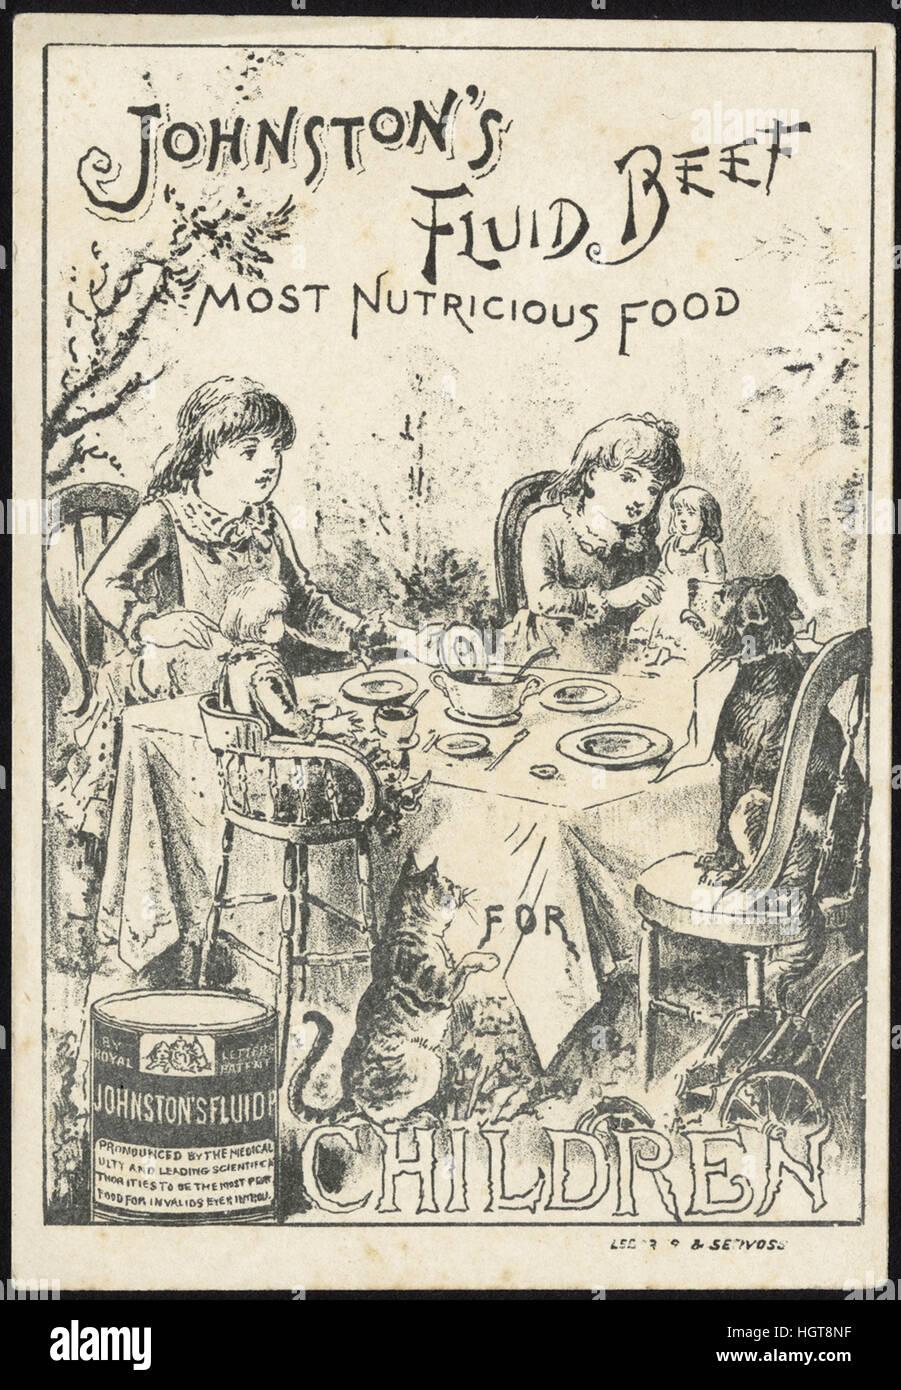 Johnston fluido della carne di manzo, più sostanziosa e alimenti per bambini [Anteriore] - Il commercio di Immagini Stock